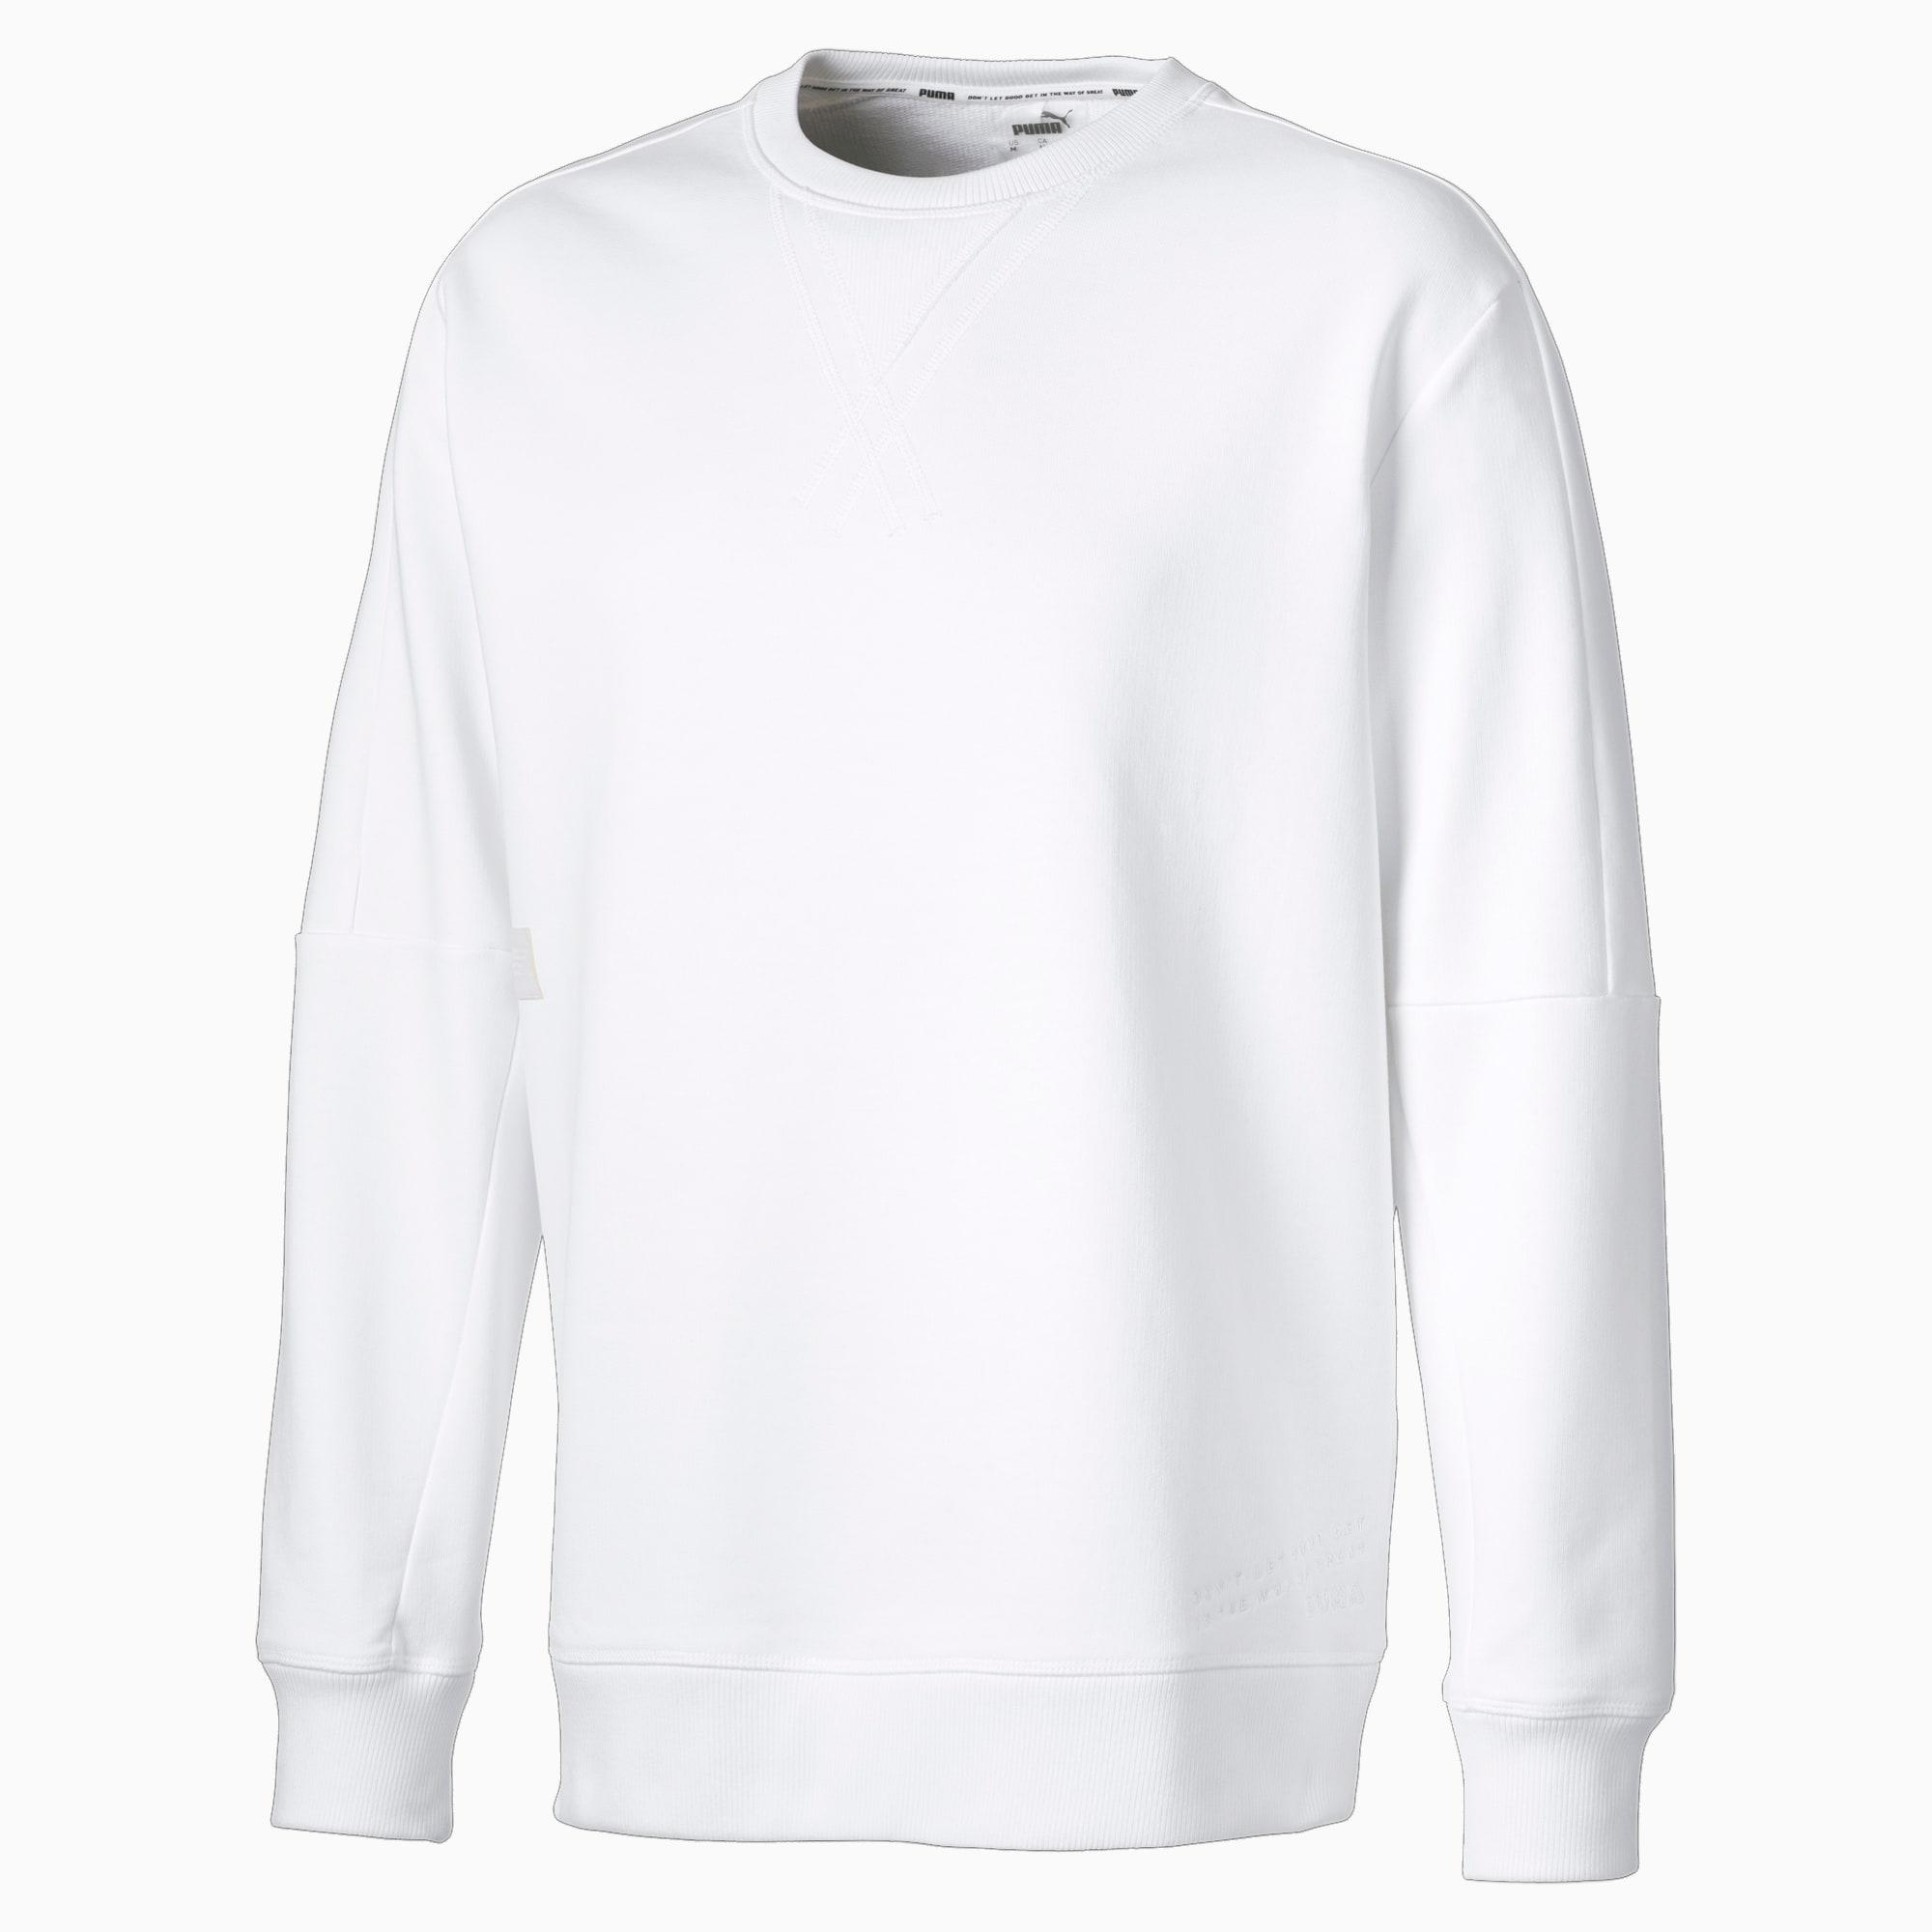 7 Crew neck ideas   crew neck, mens tshirts, mens tops